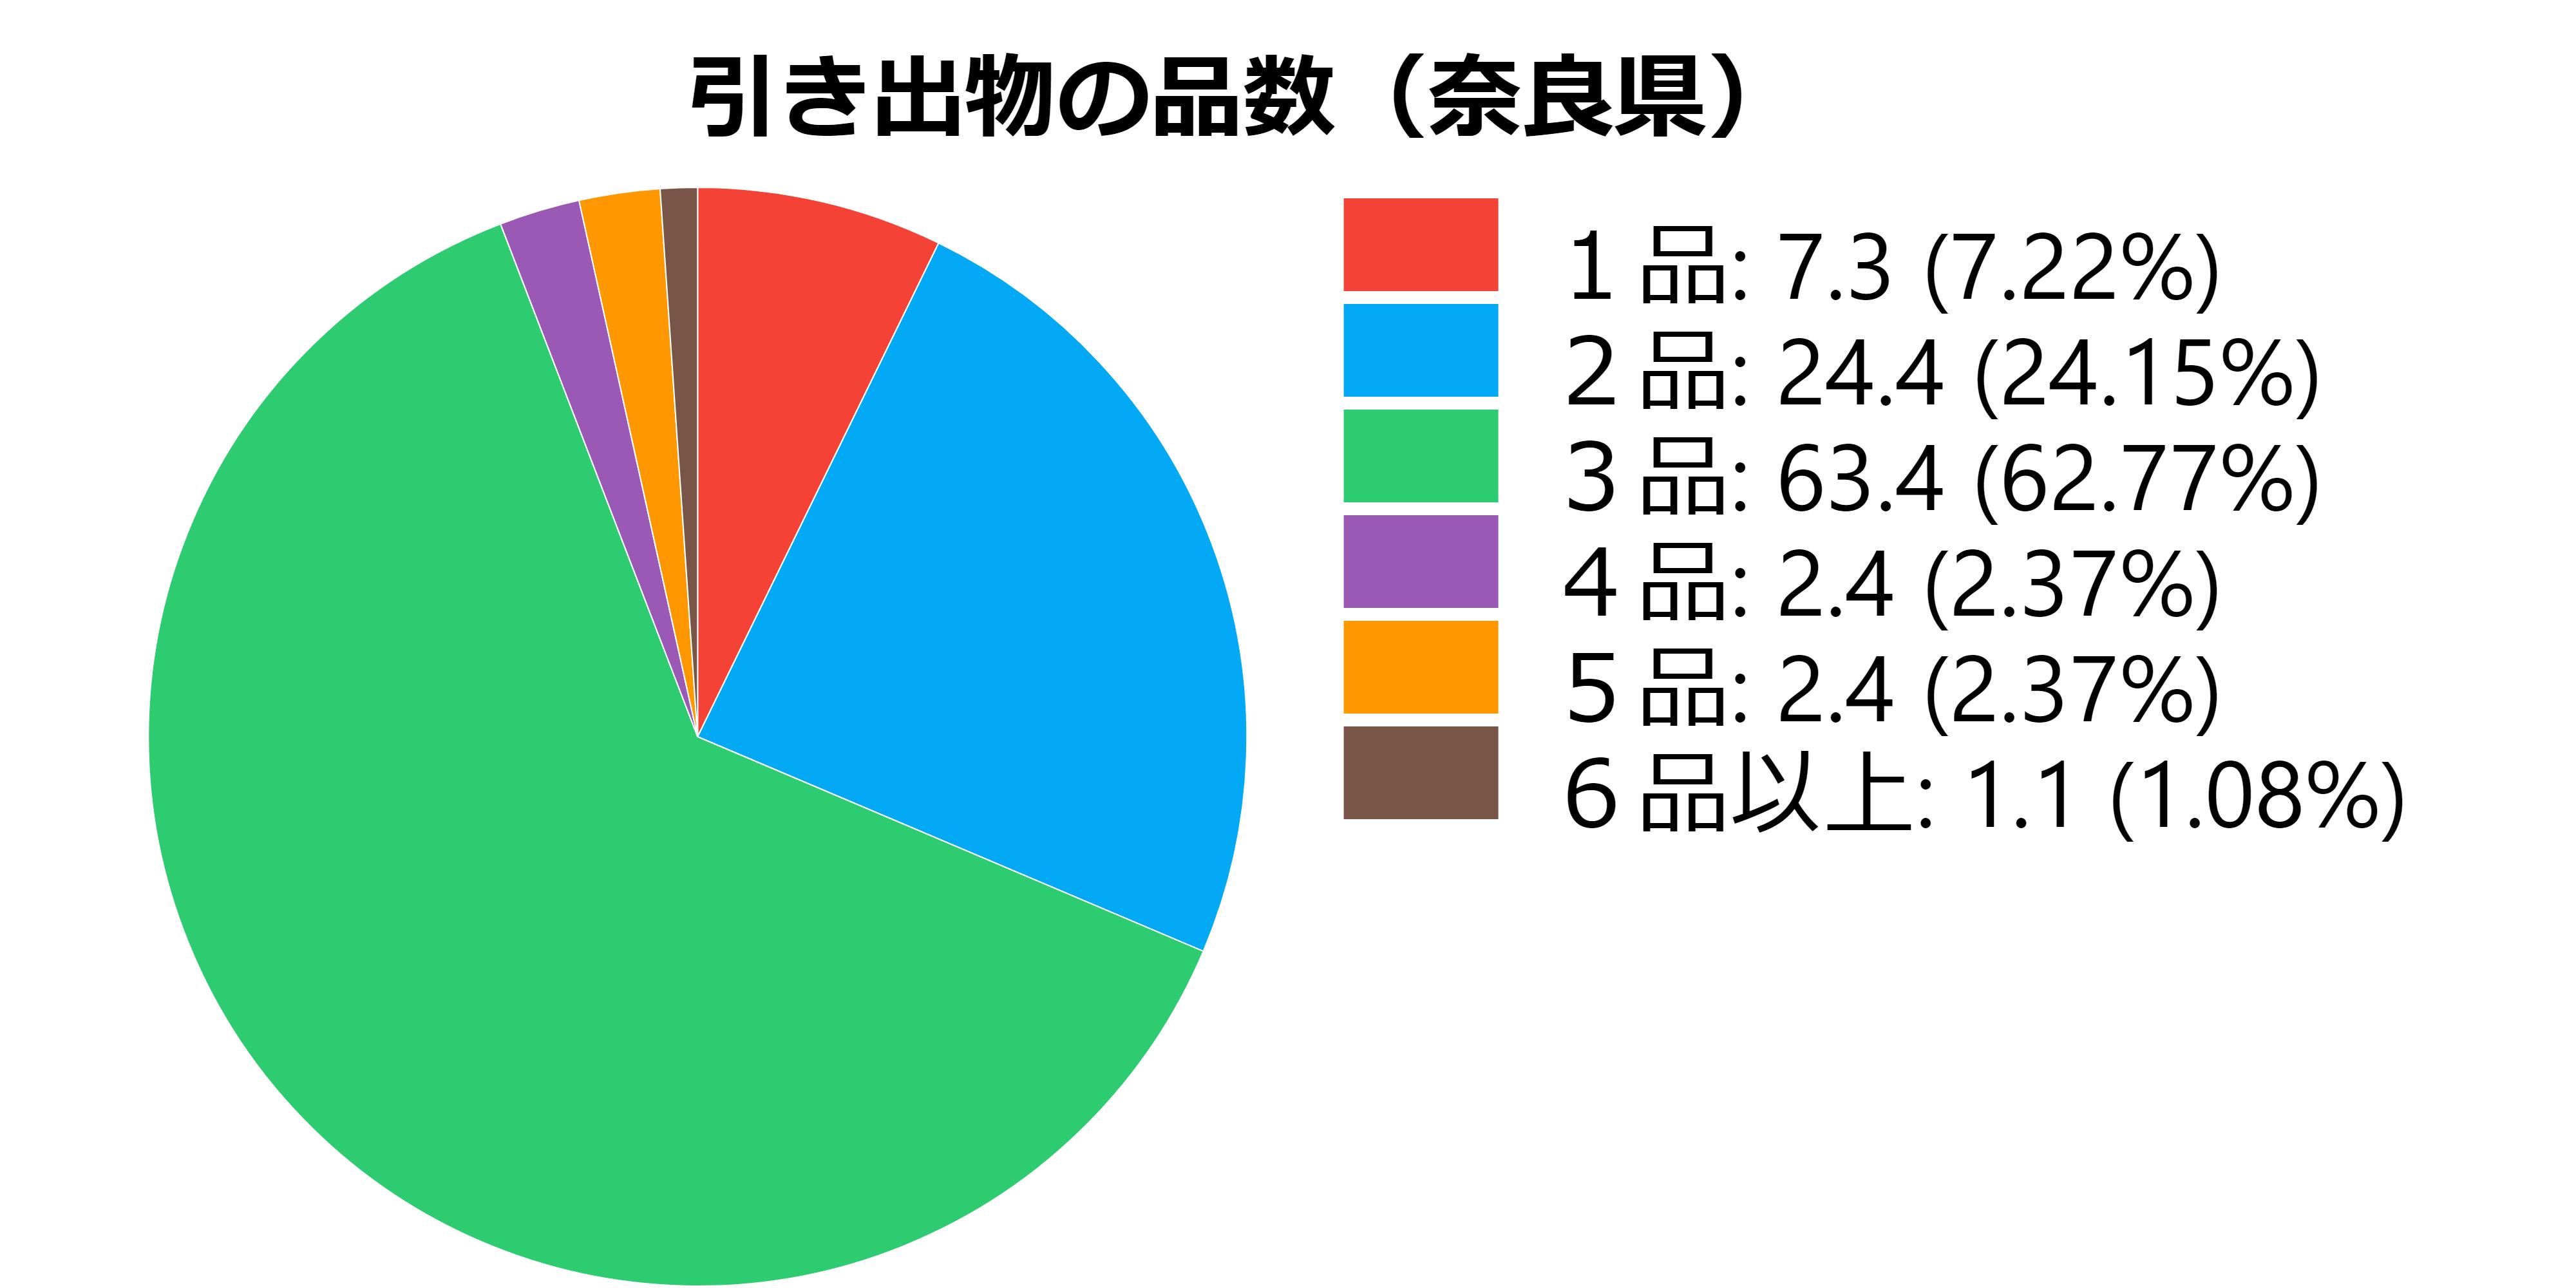 品数(奈良県)